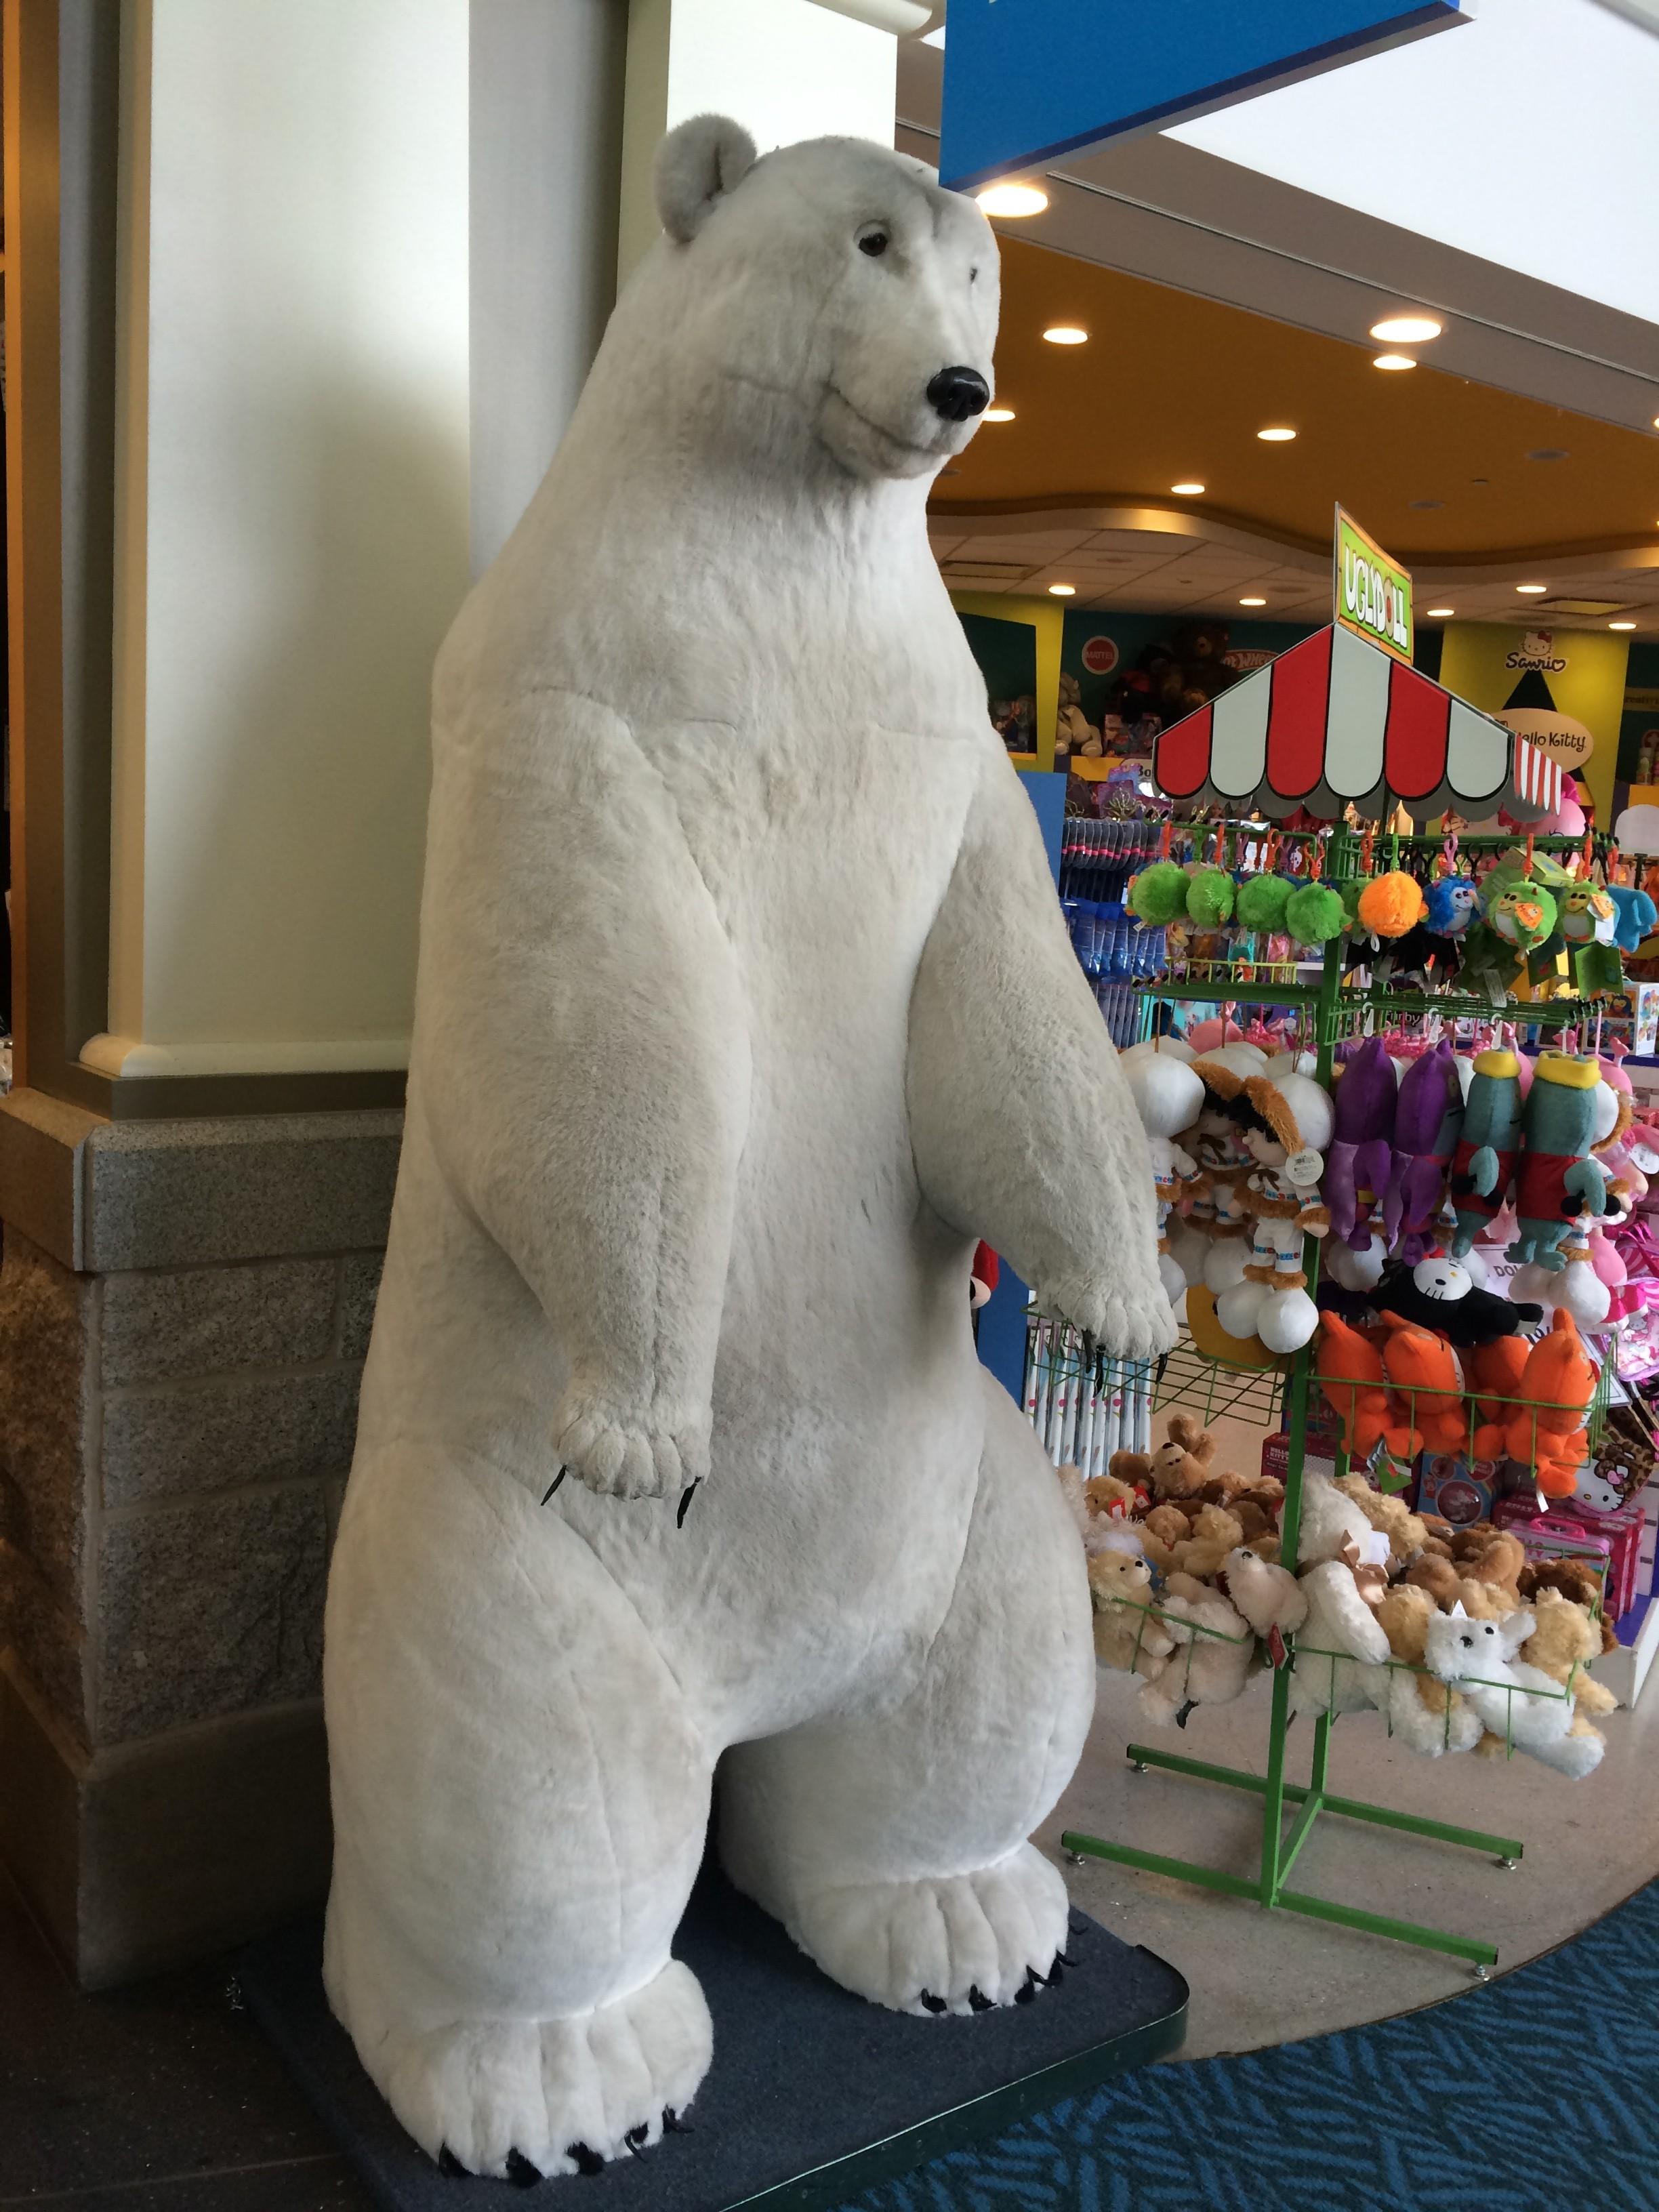 Polar Bear Vancouver Airport